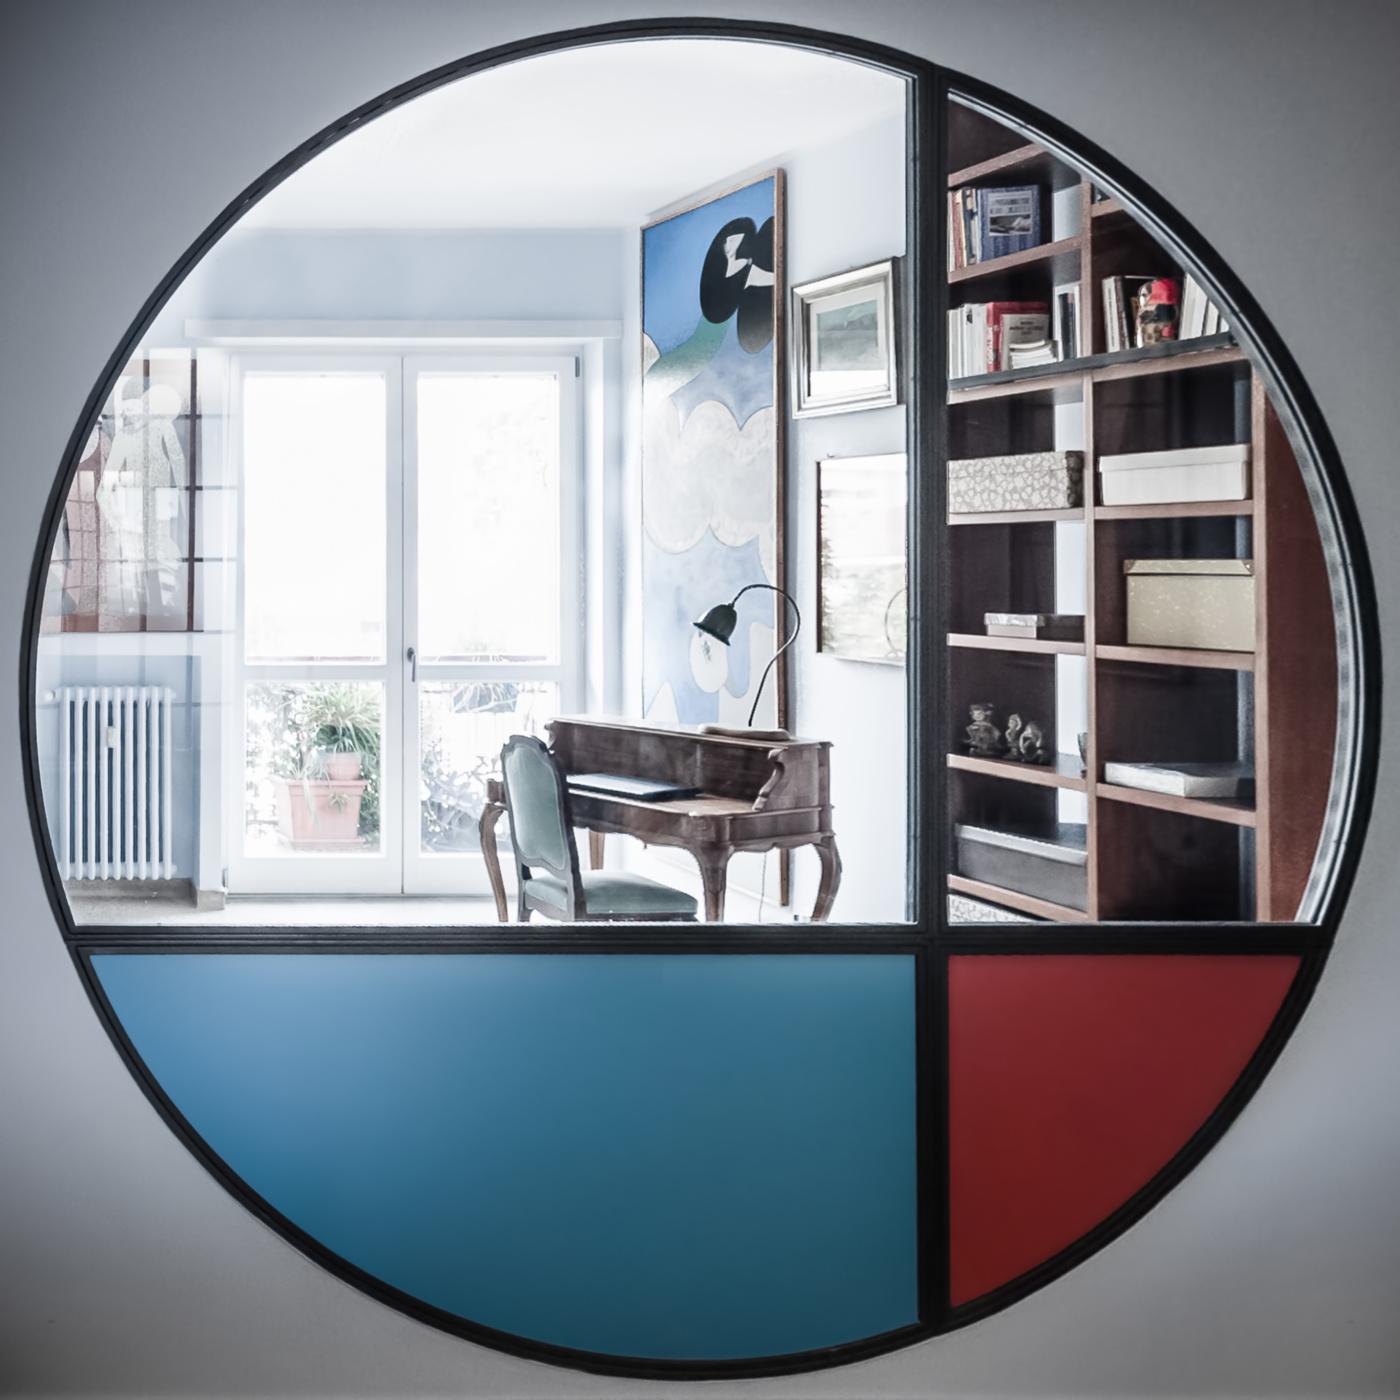 Trasformare una vetrata interna in un piccolo gioiello di interior design. Il lato salotto è realizzato con colori primari | Bottega di Architettura